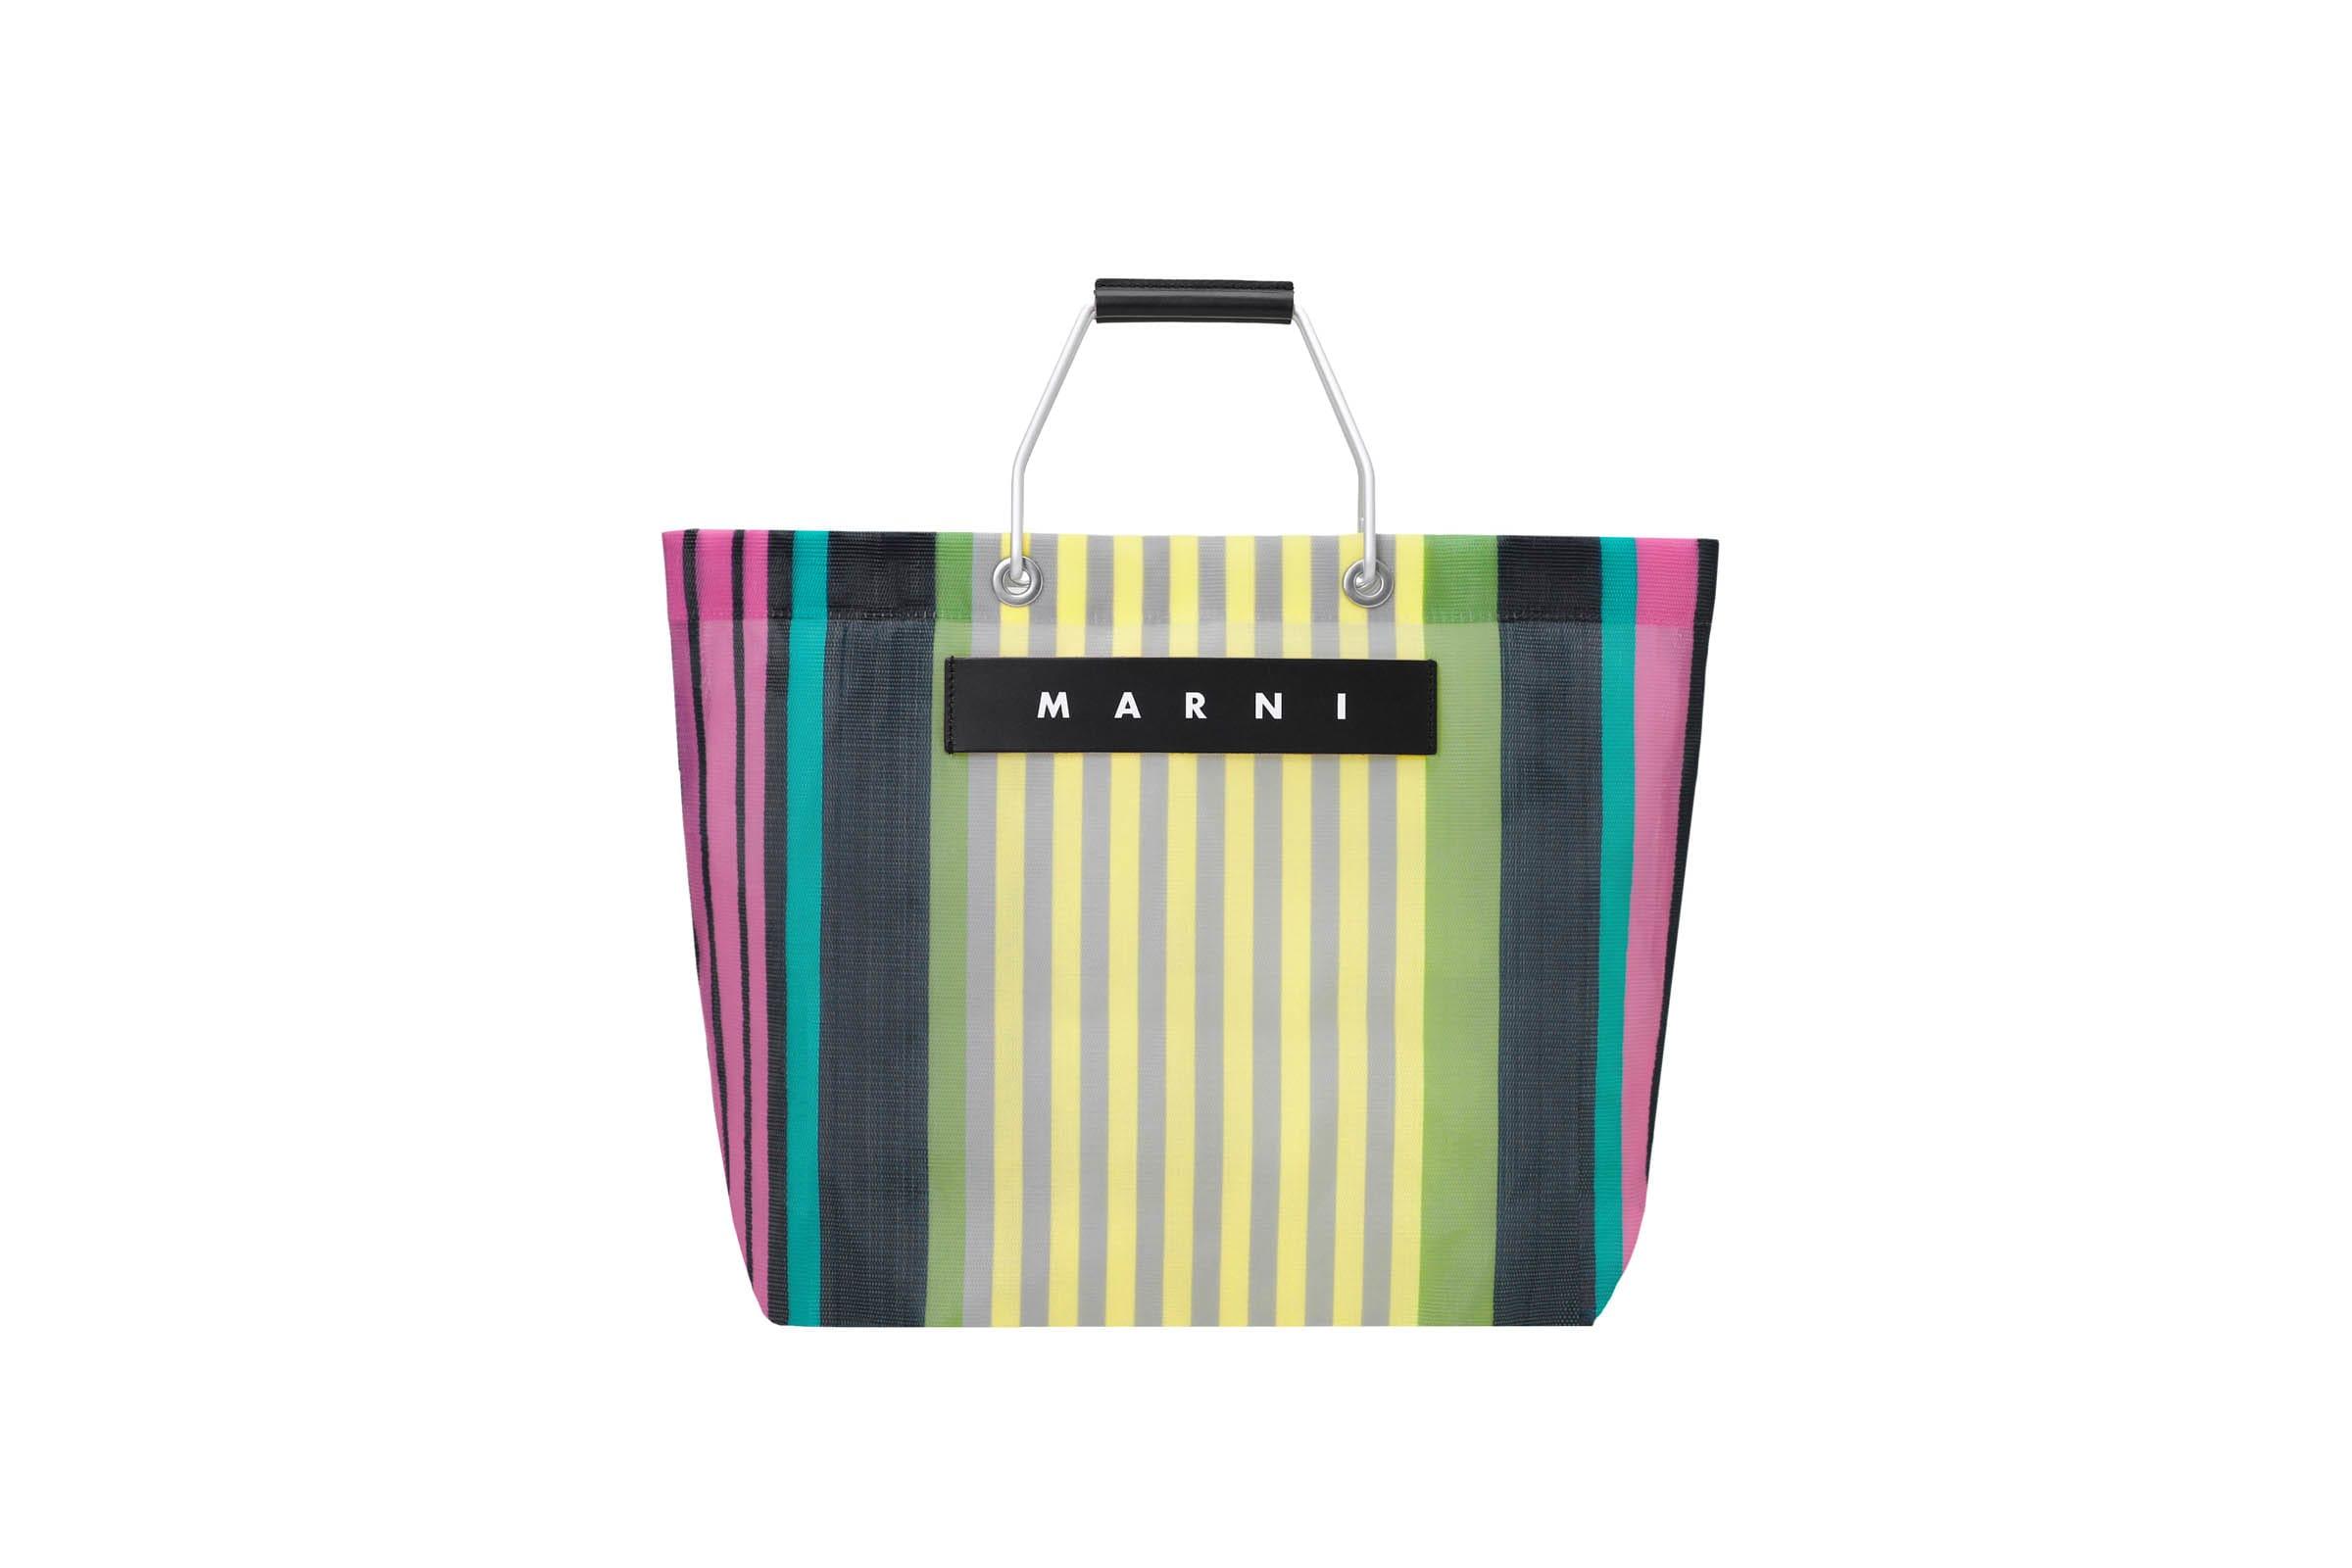 c88b910a9cf4 マルニが「マルニ マーケット」開催、人気のピクニックバッグや限定商品 ...